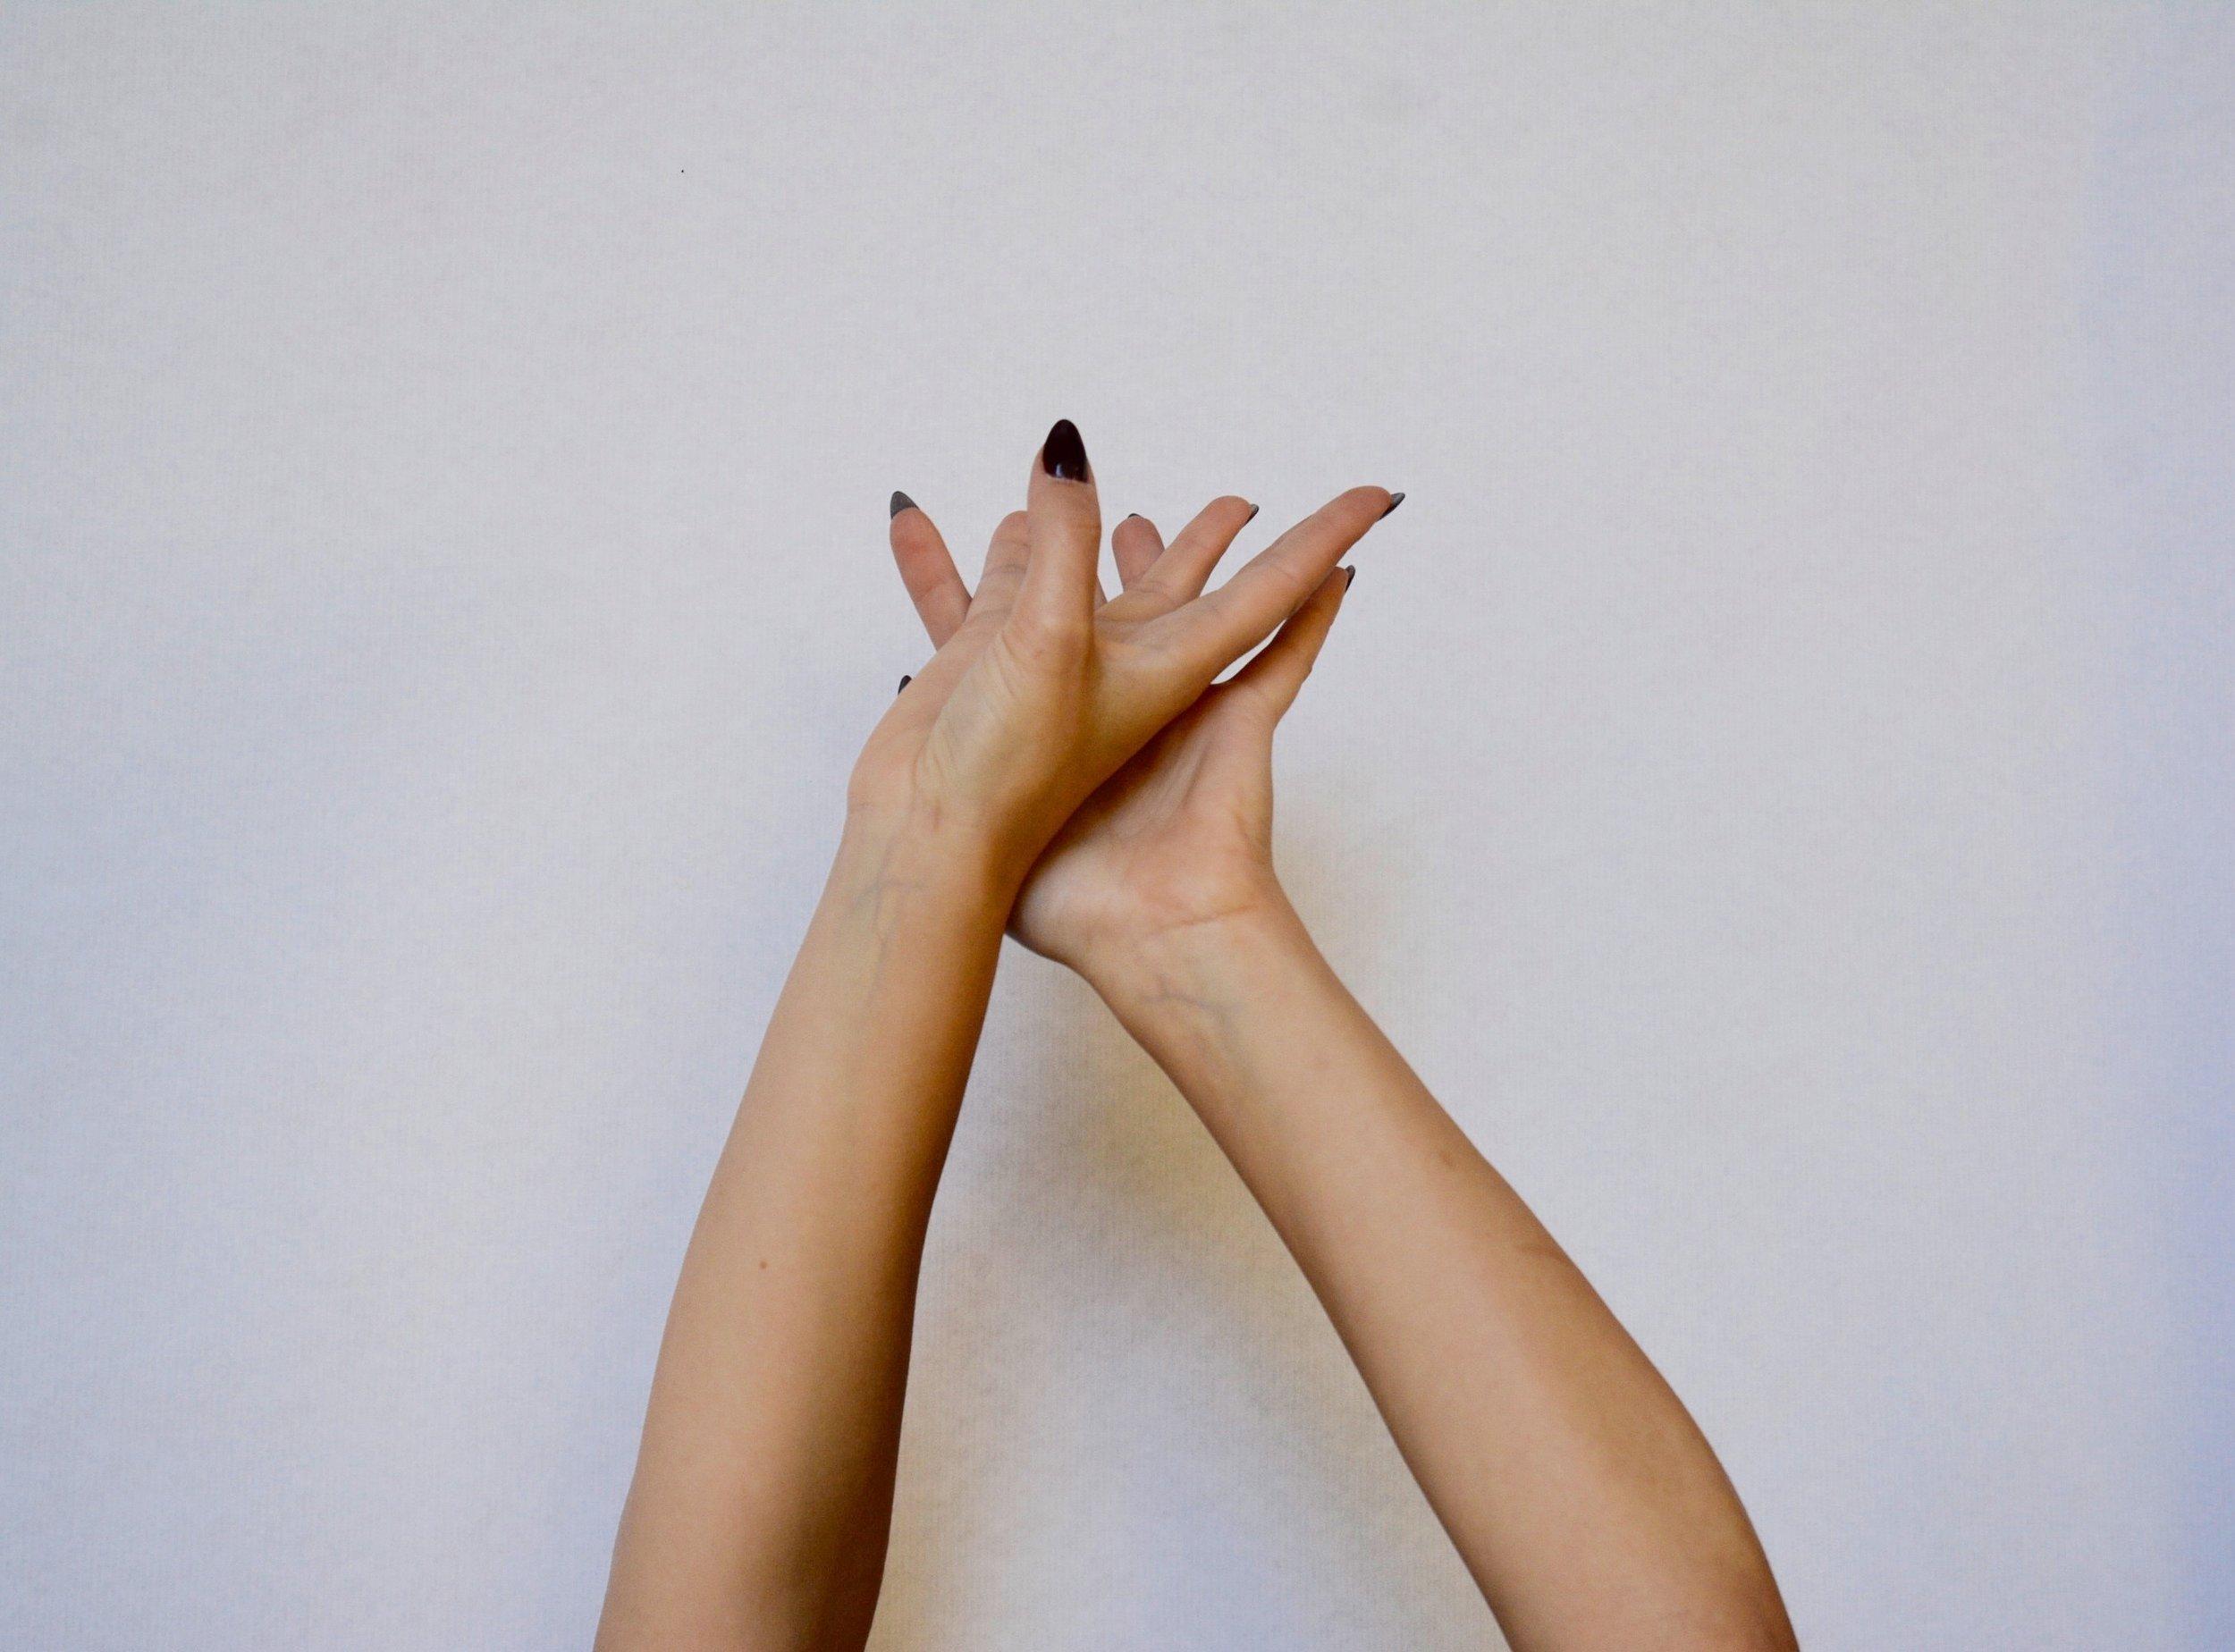 Helpless Hands